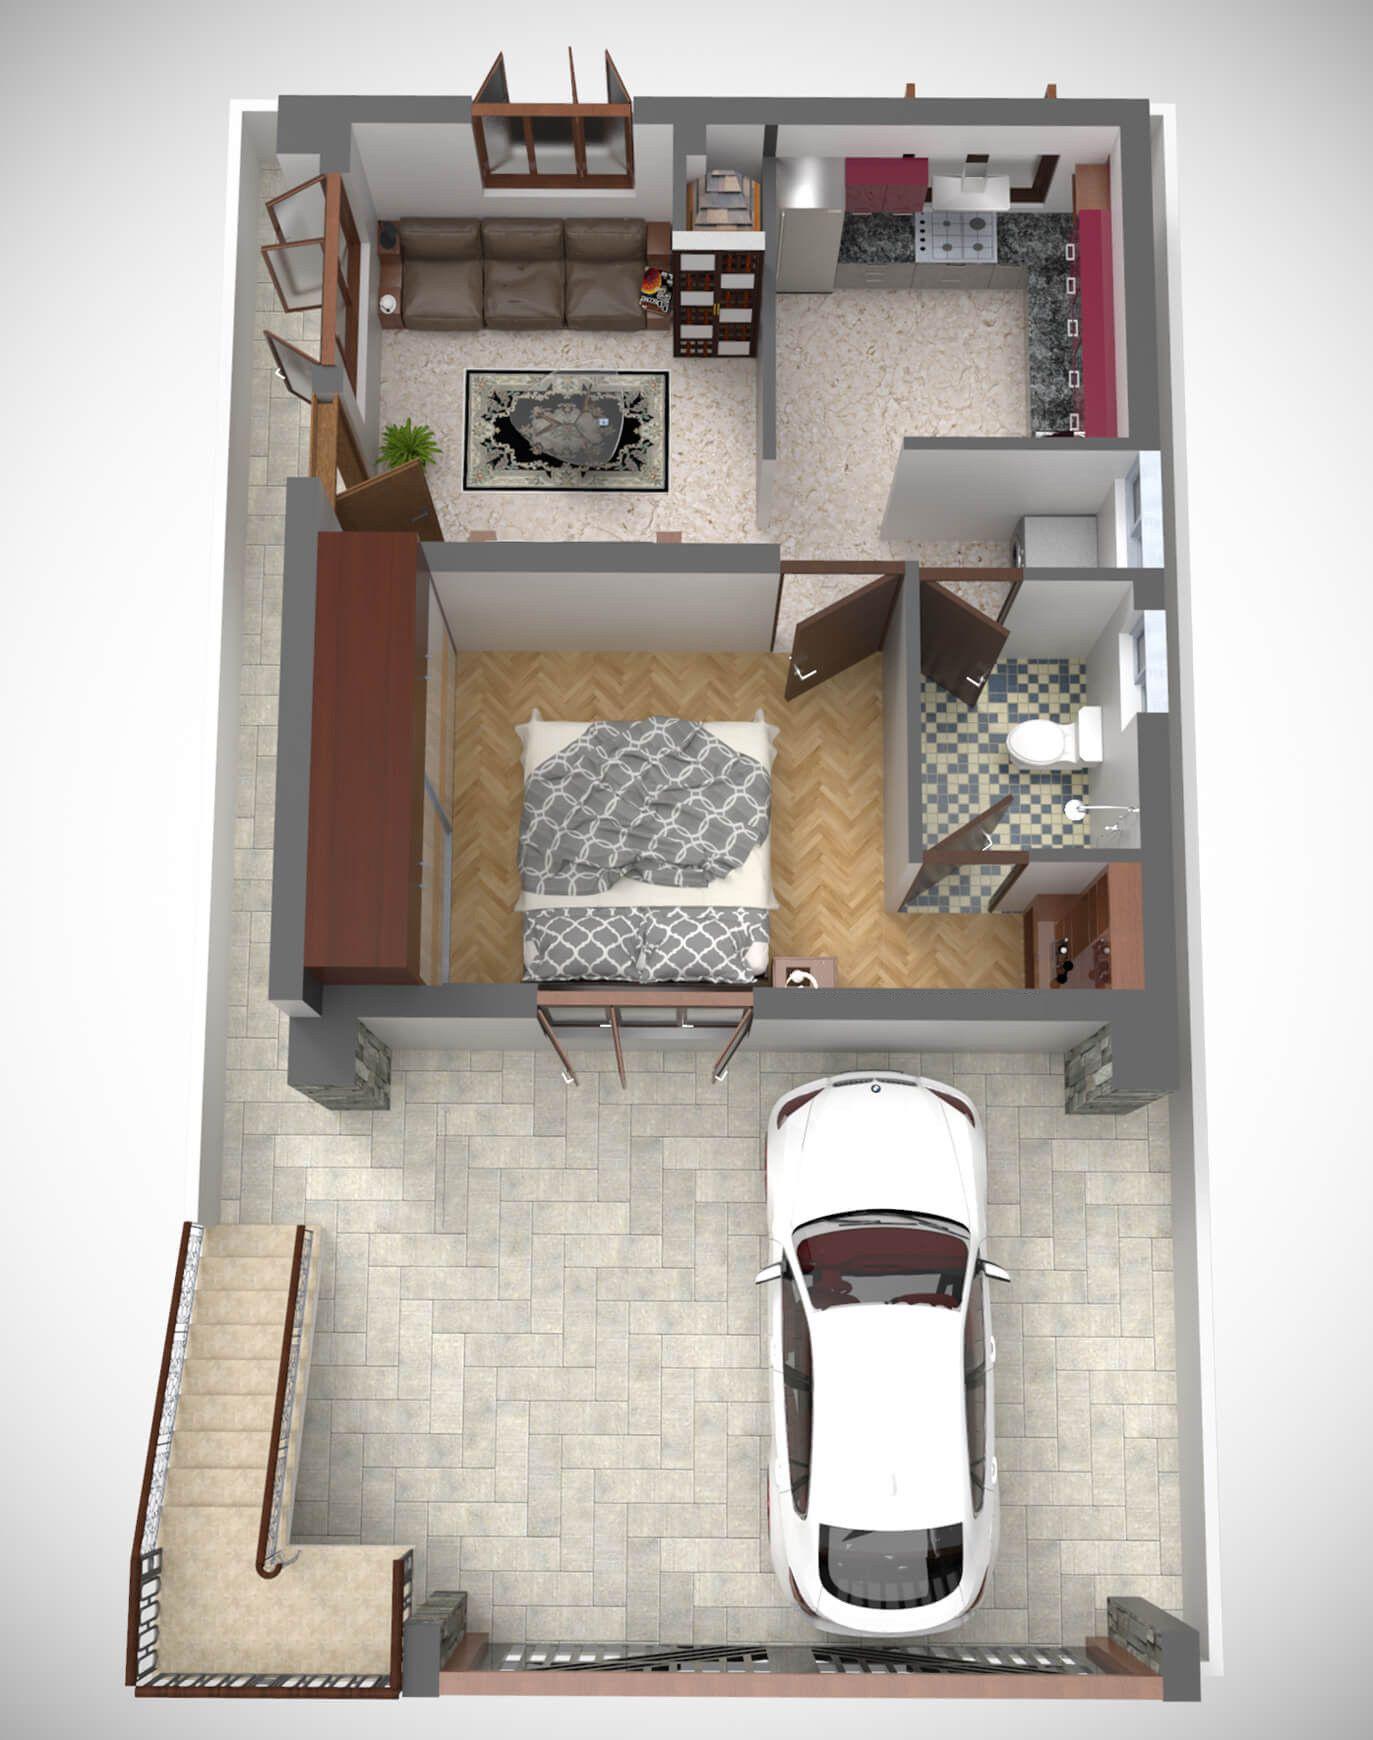 House Design Plans 3d 4 Bedrooms 2021 Floor Plan Design Home Design Software 3d Home Design Software